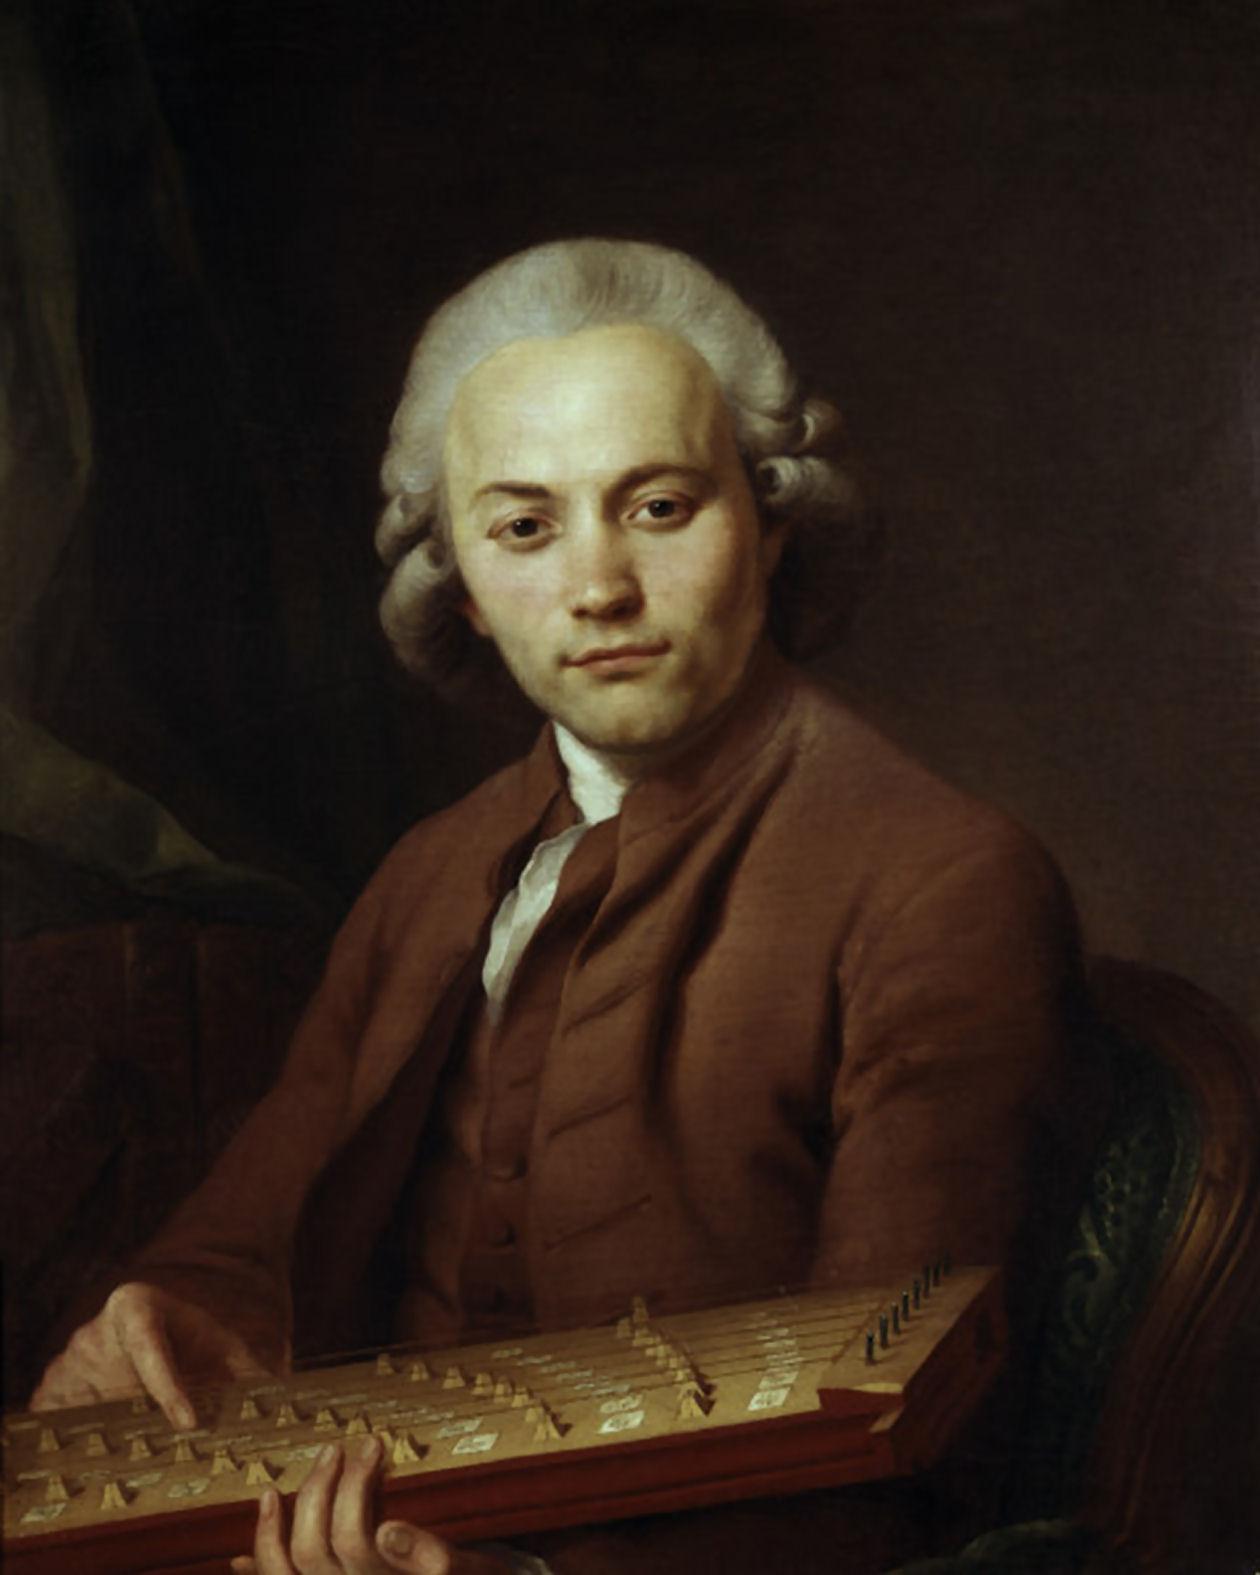 Portrait de l'abbé Vogler